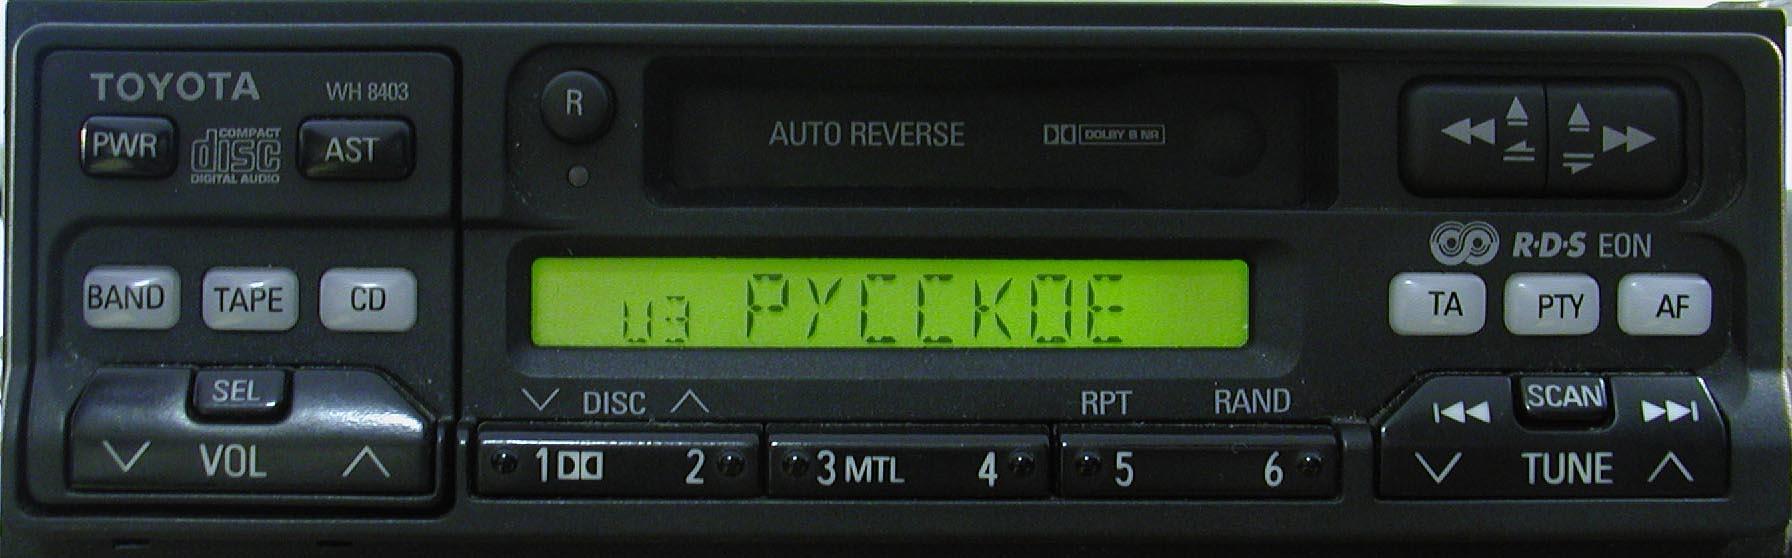 Штатная магнитола для Toyota WH8403 фото